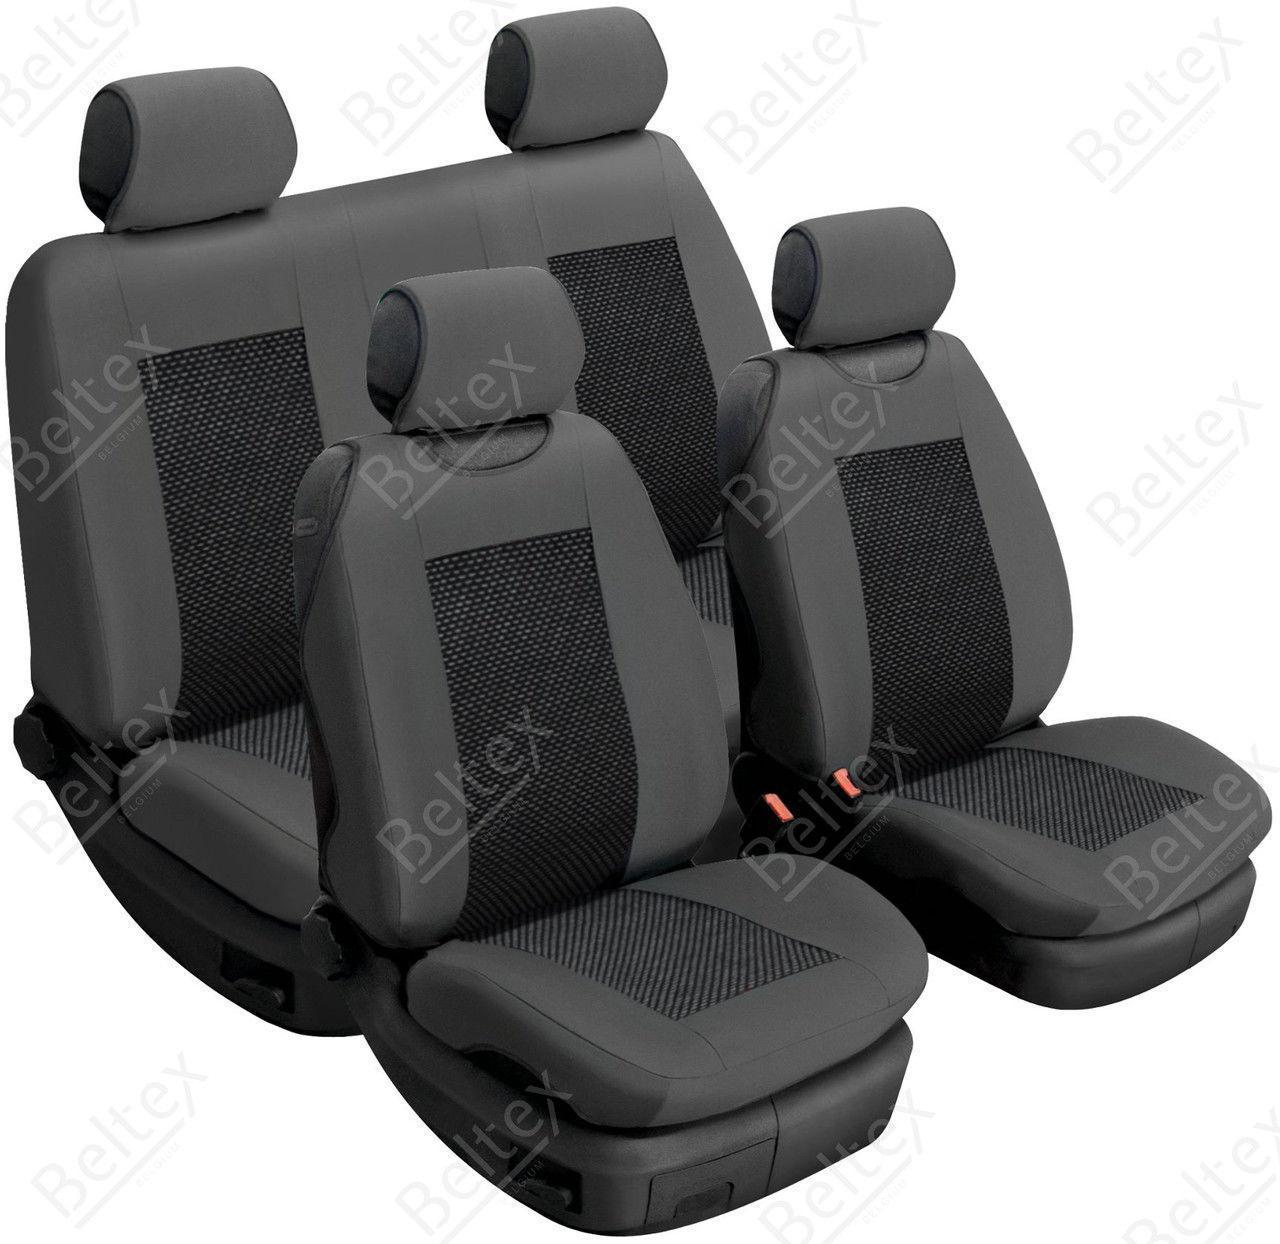 Майки/чехлы на сиденья Тойота Хайлюкс (Toyota Highlux)